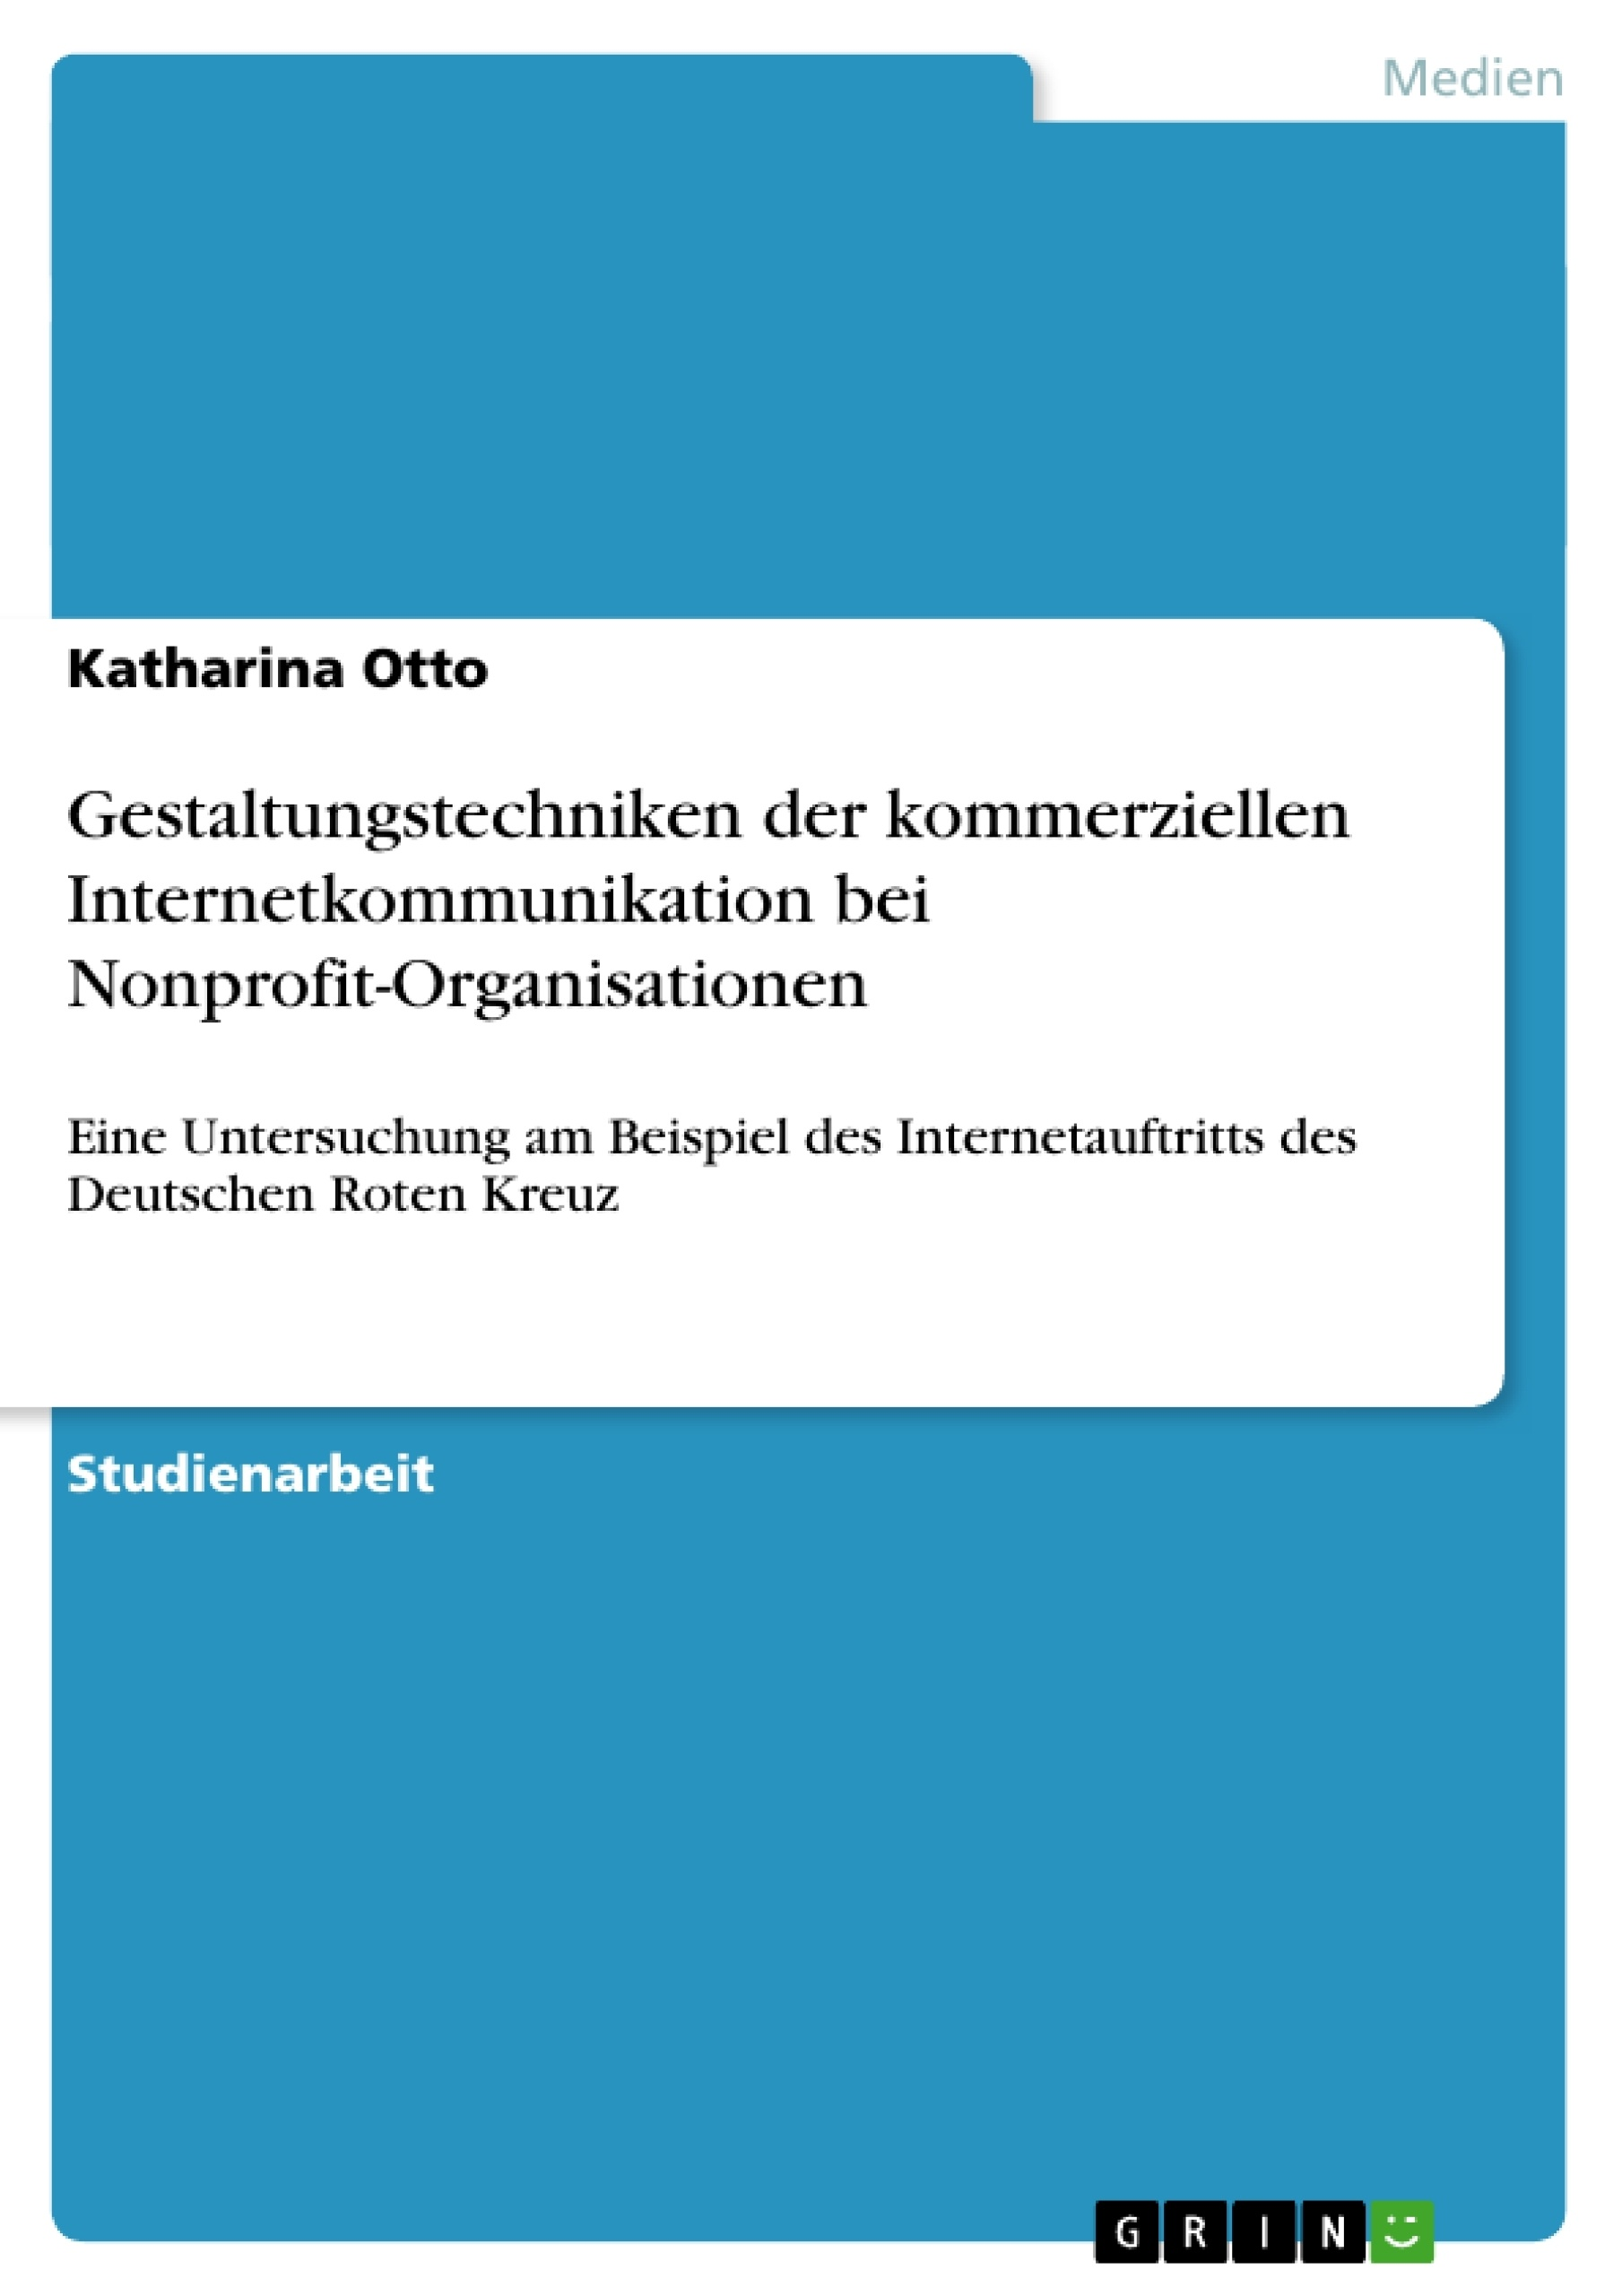 Titel: Gestaltungstechniken der kommerziellen Internetkommunikation bei Nonprofit-Organisationen